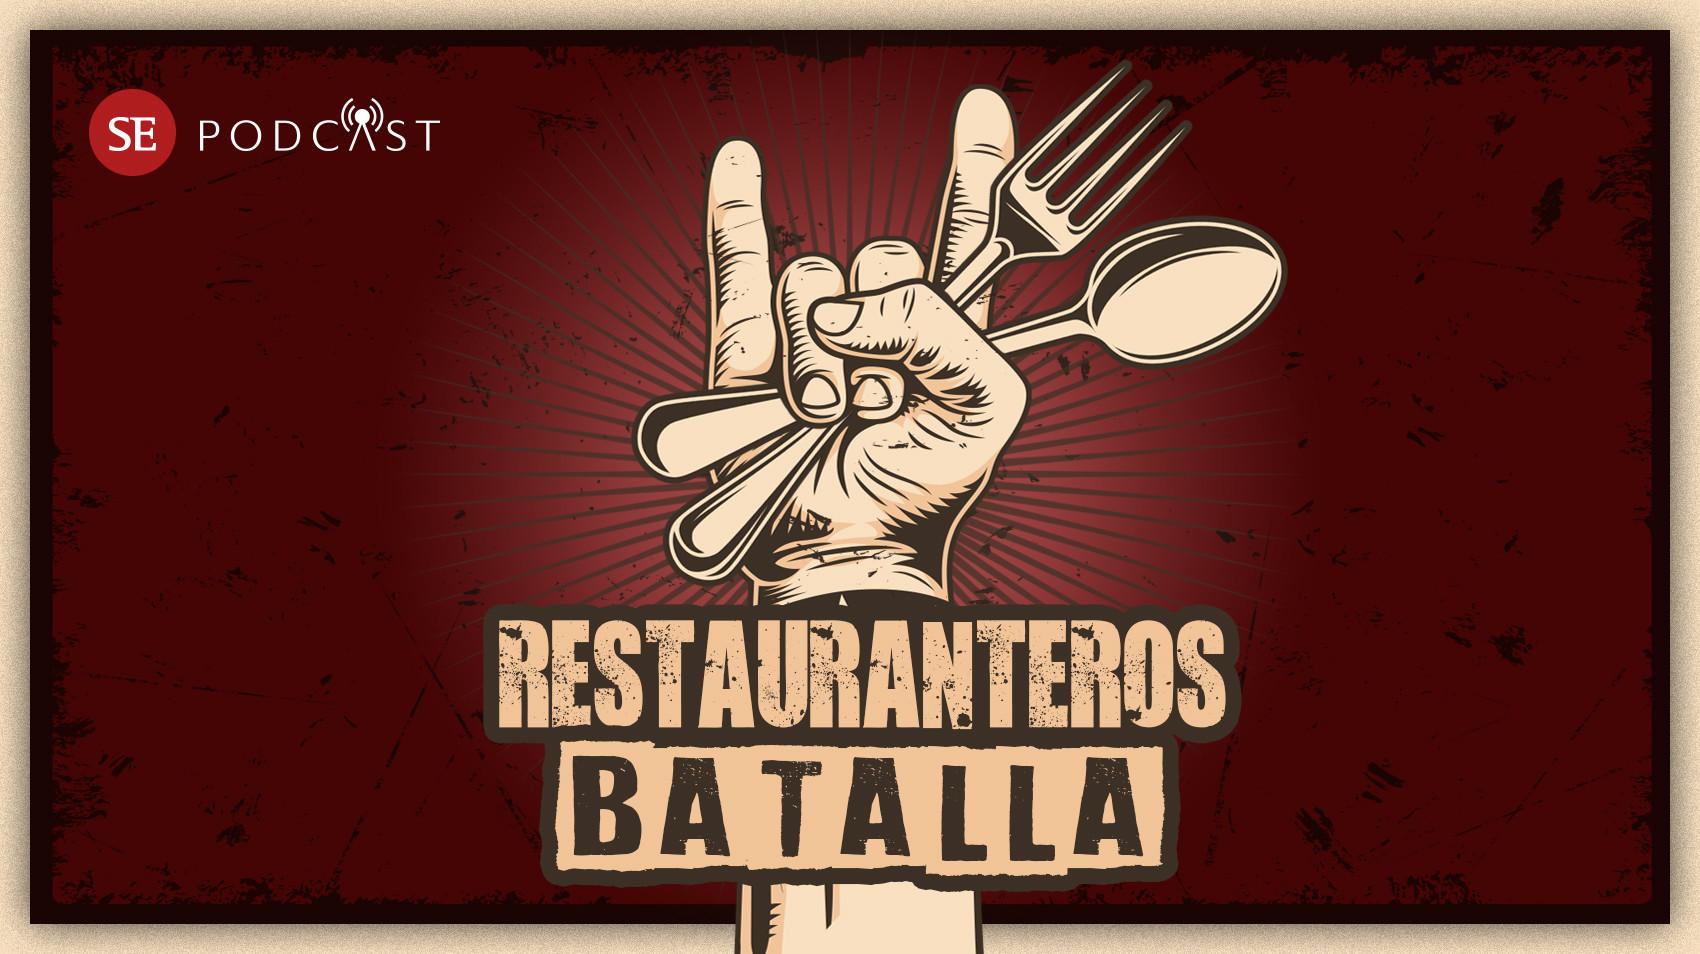 PODCAST: Londres, Madrid y Latinoamérica: un viaje en la industria gastronómica